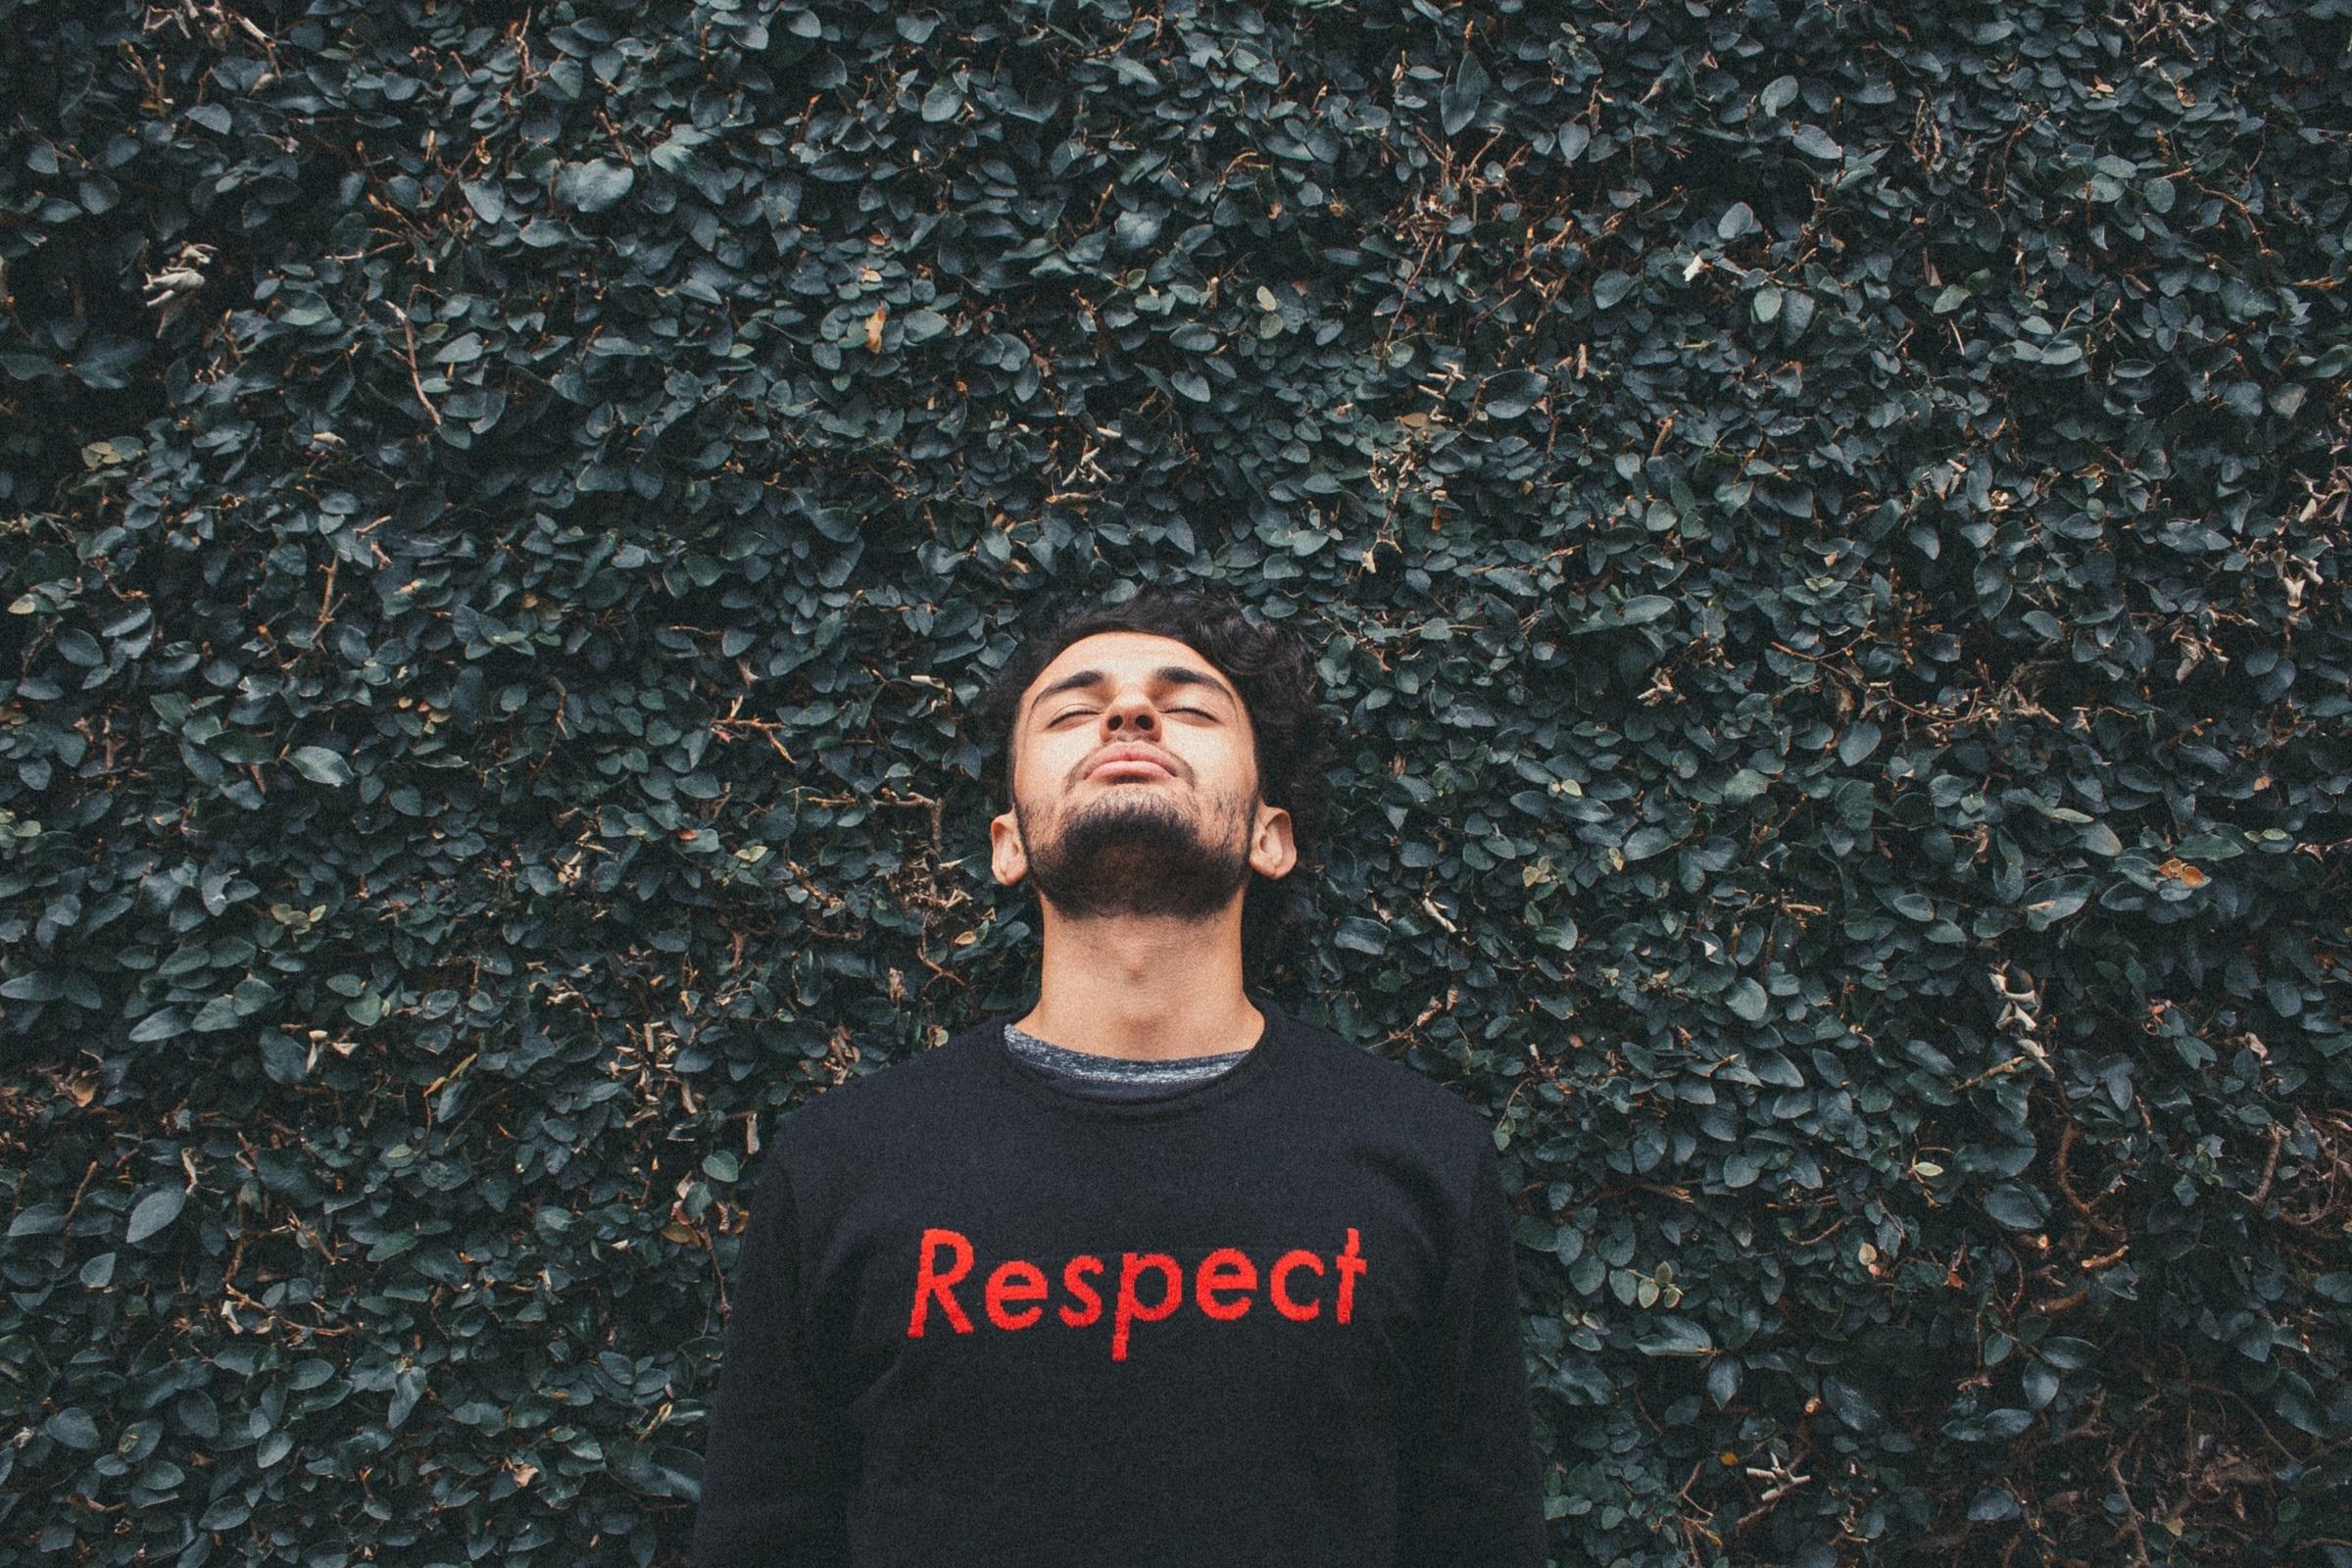 Le respect.